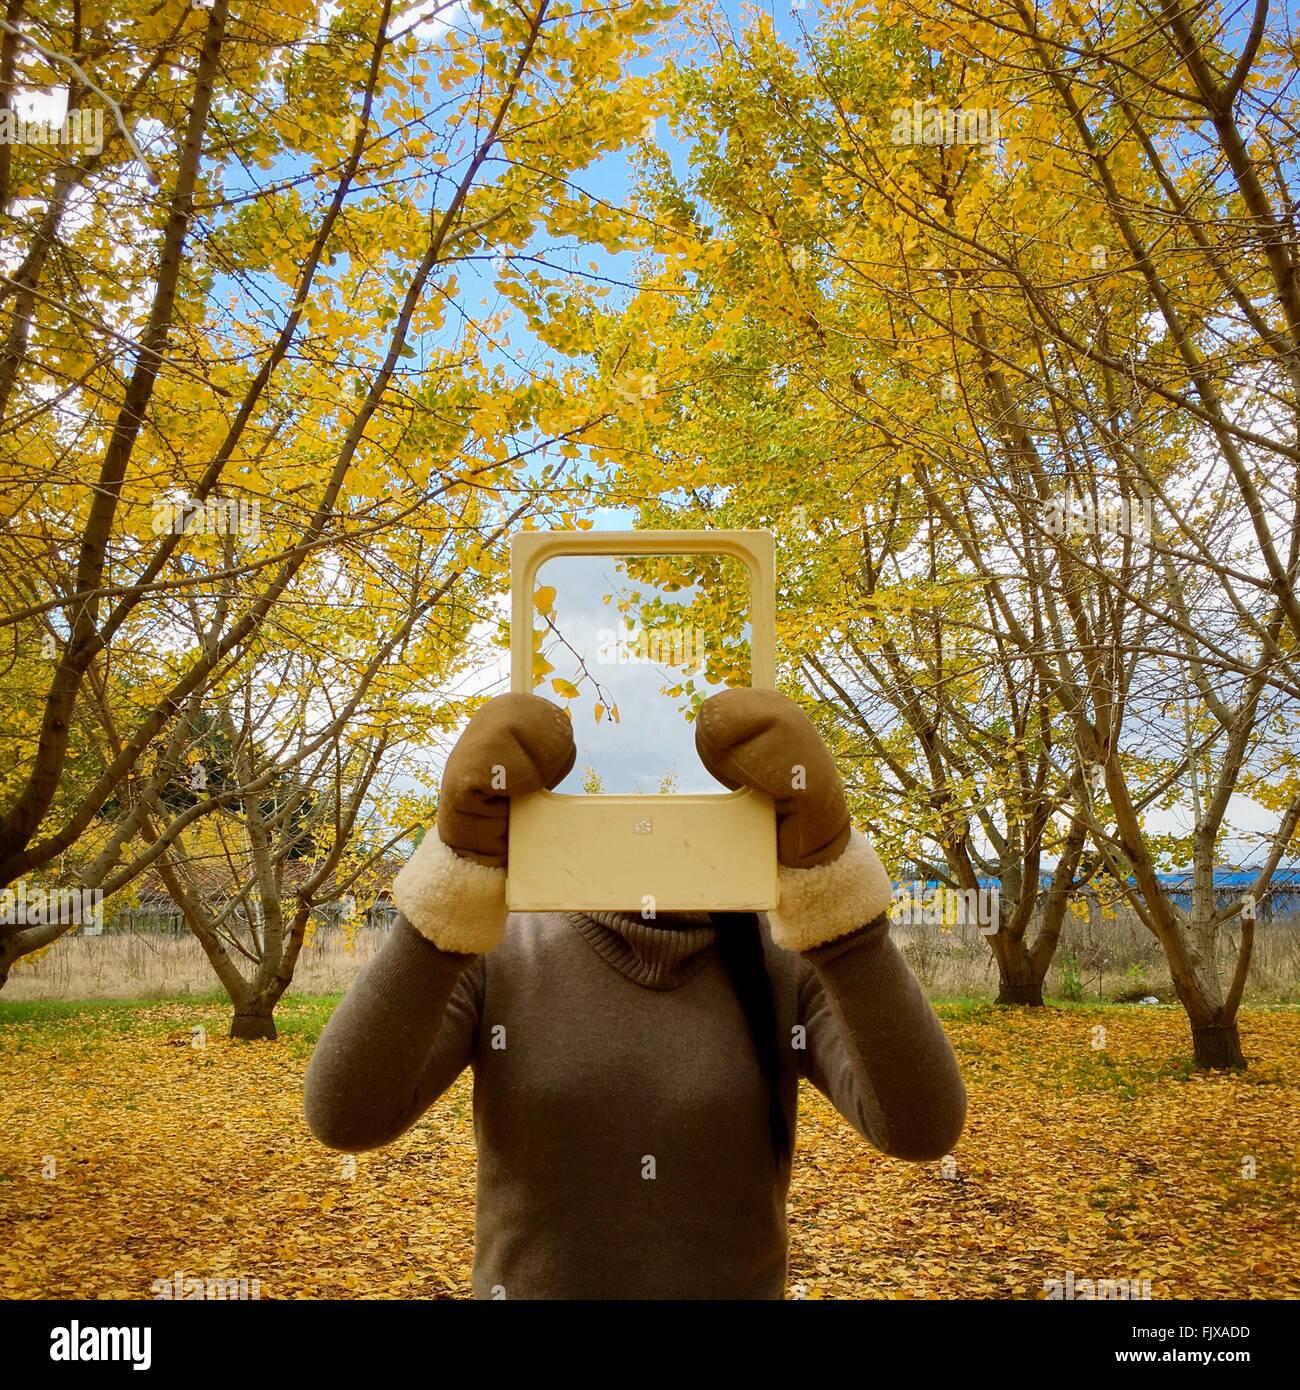 Frau mit Bild von Bäumen vor Gesicht in Nahaufnahme Stockbild